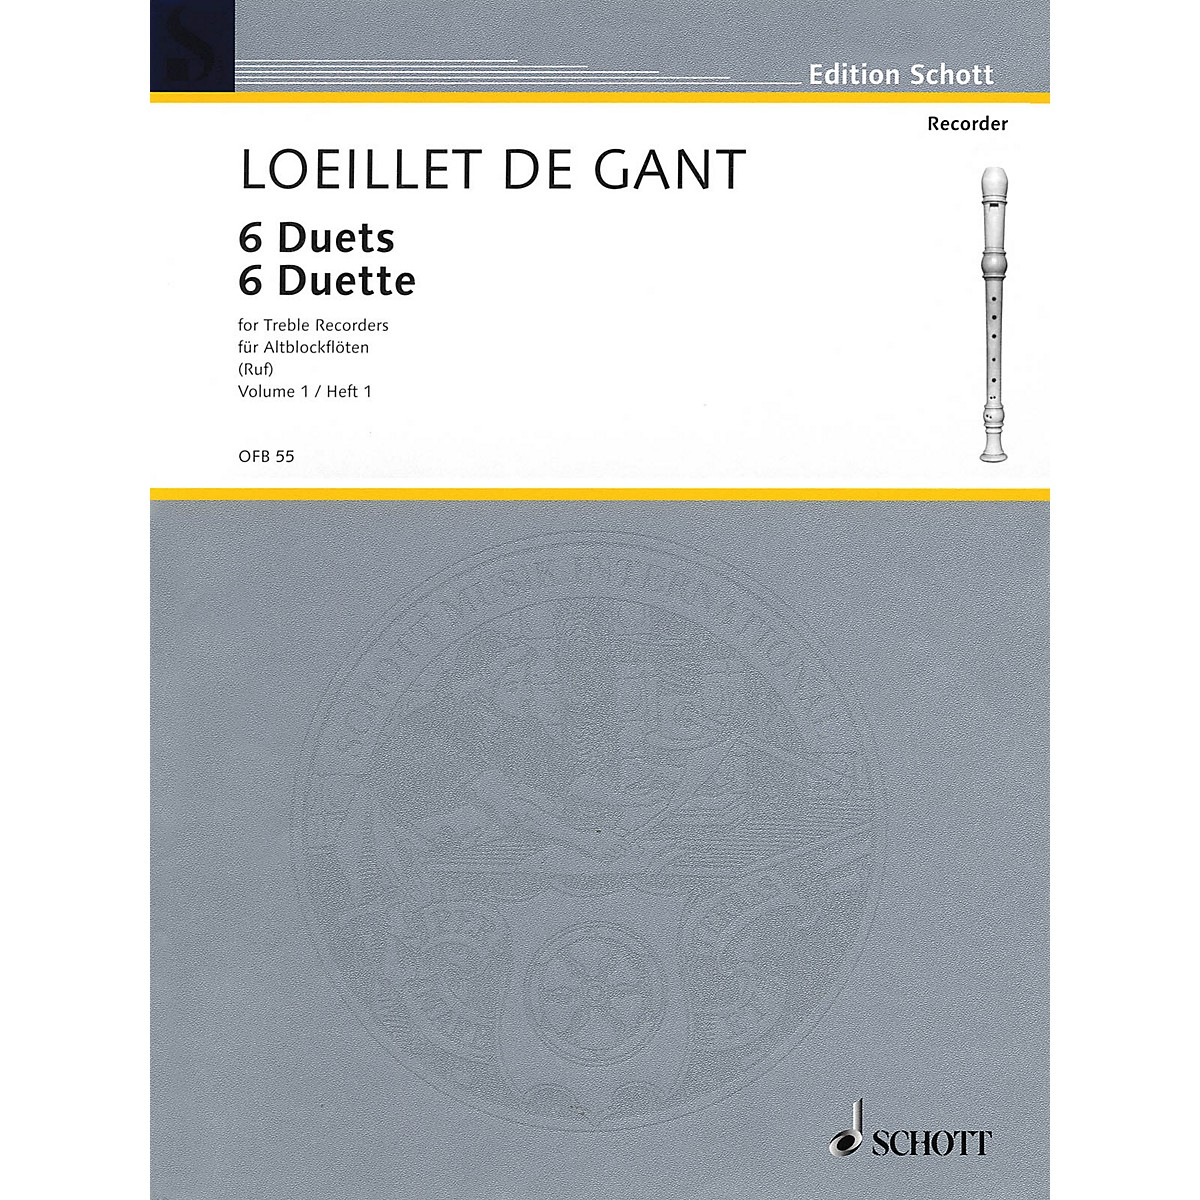 Schott 6 Duets - Volume 1 Schott Series by Jean Baptiste Loeillet